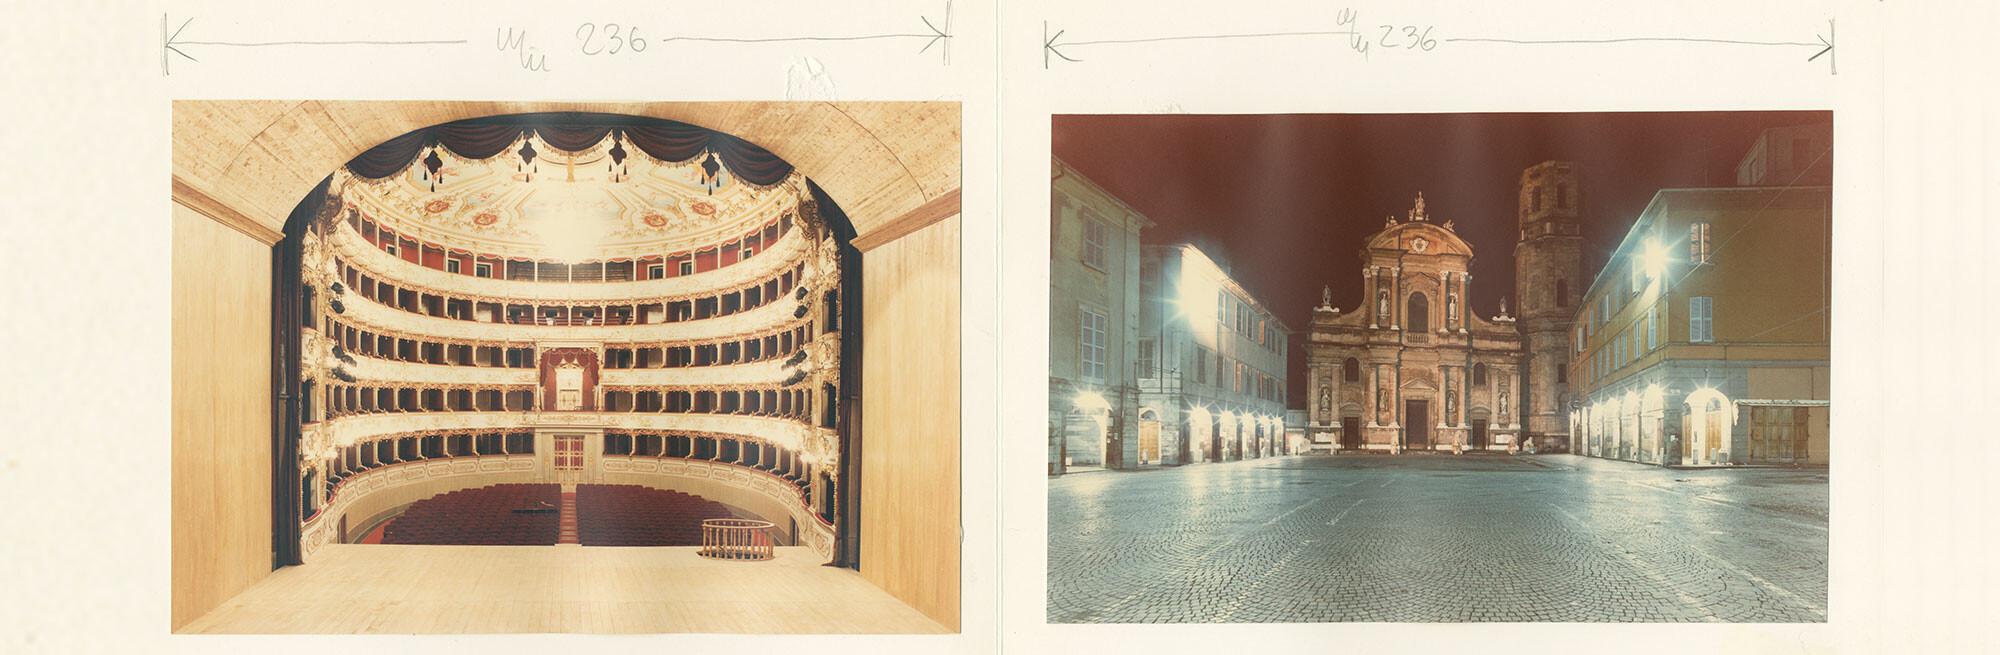 MUSEI. A ROMA IL MAXXI FESTEGGIA DIECI ANNI CON NUOVA COLLEZIONE Apre il 2 ottobre  la mostra 'Senzamargine'